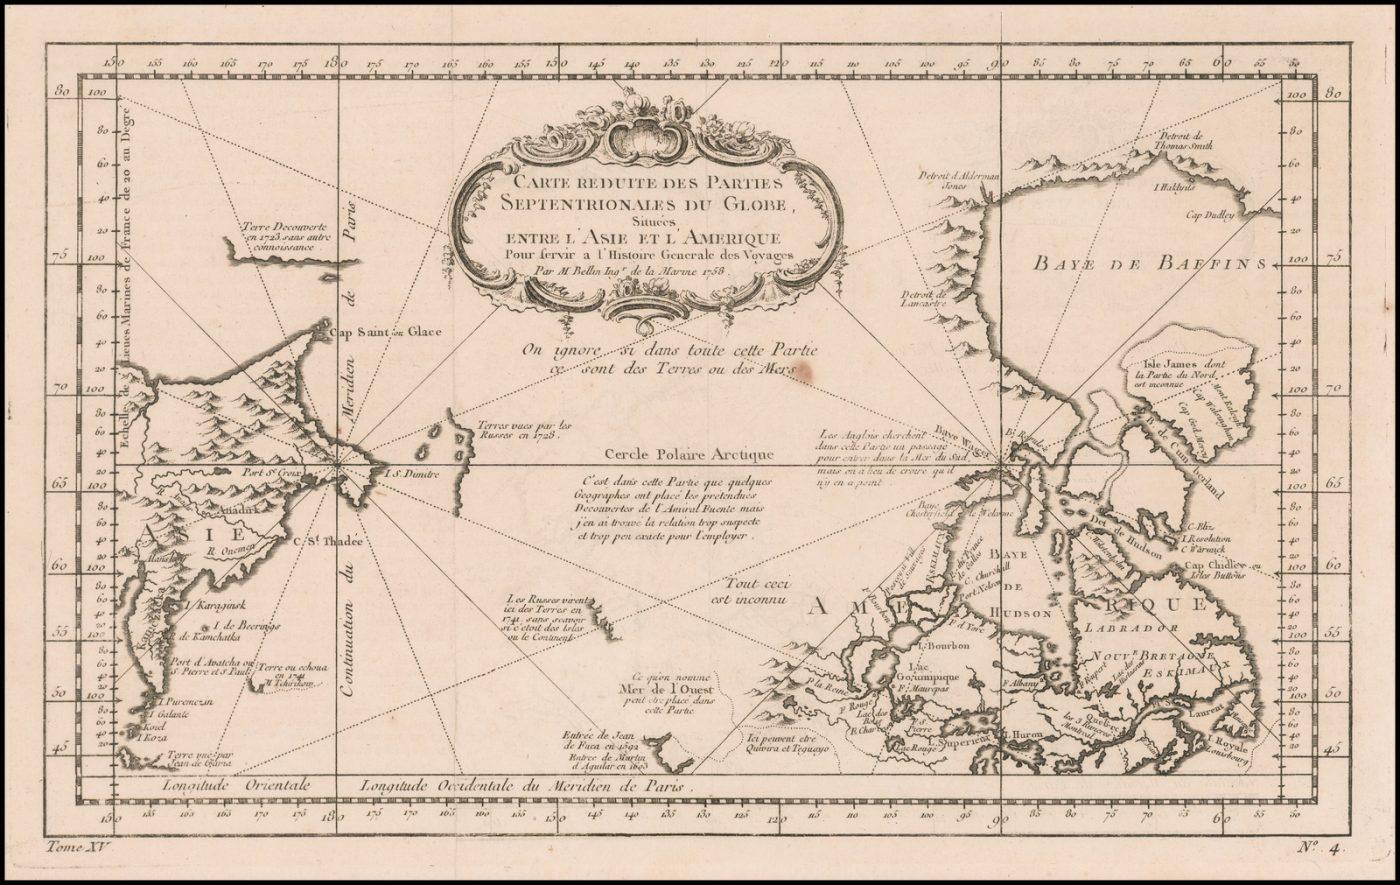 Подробная морская карта береговых линий и частей внутренних районов Канады, Аляски и Тихого океана, опубликованная Николасом Беллином в 1758 году